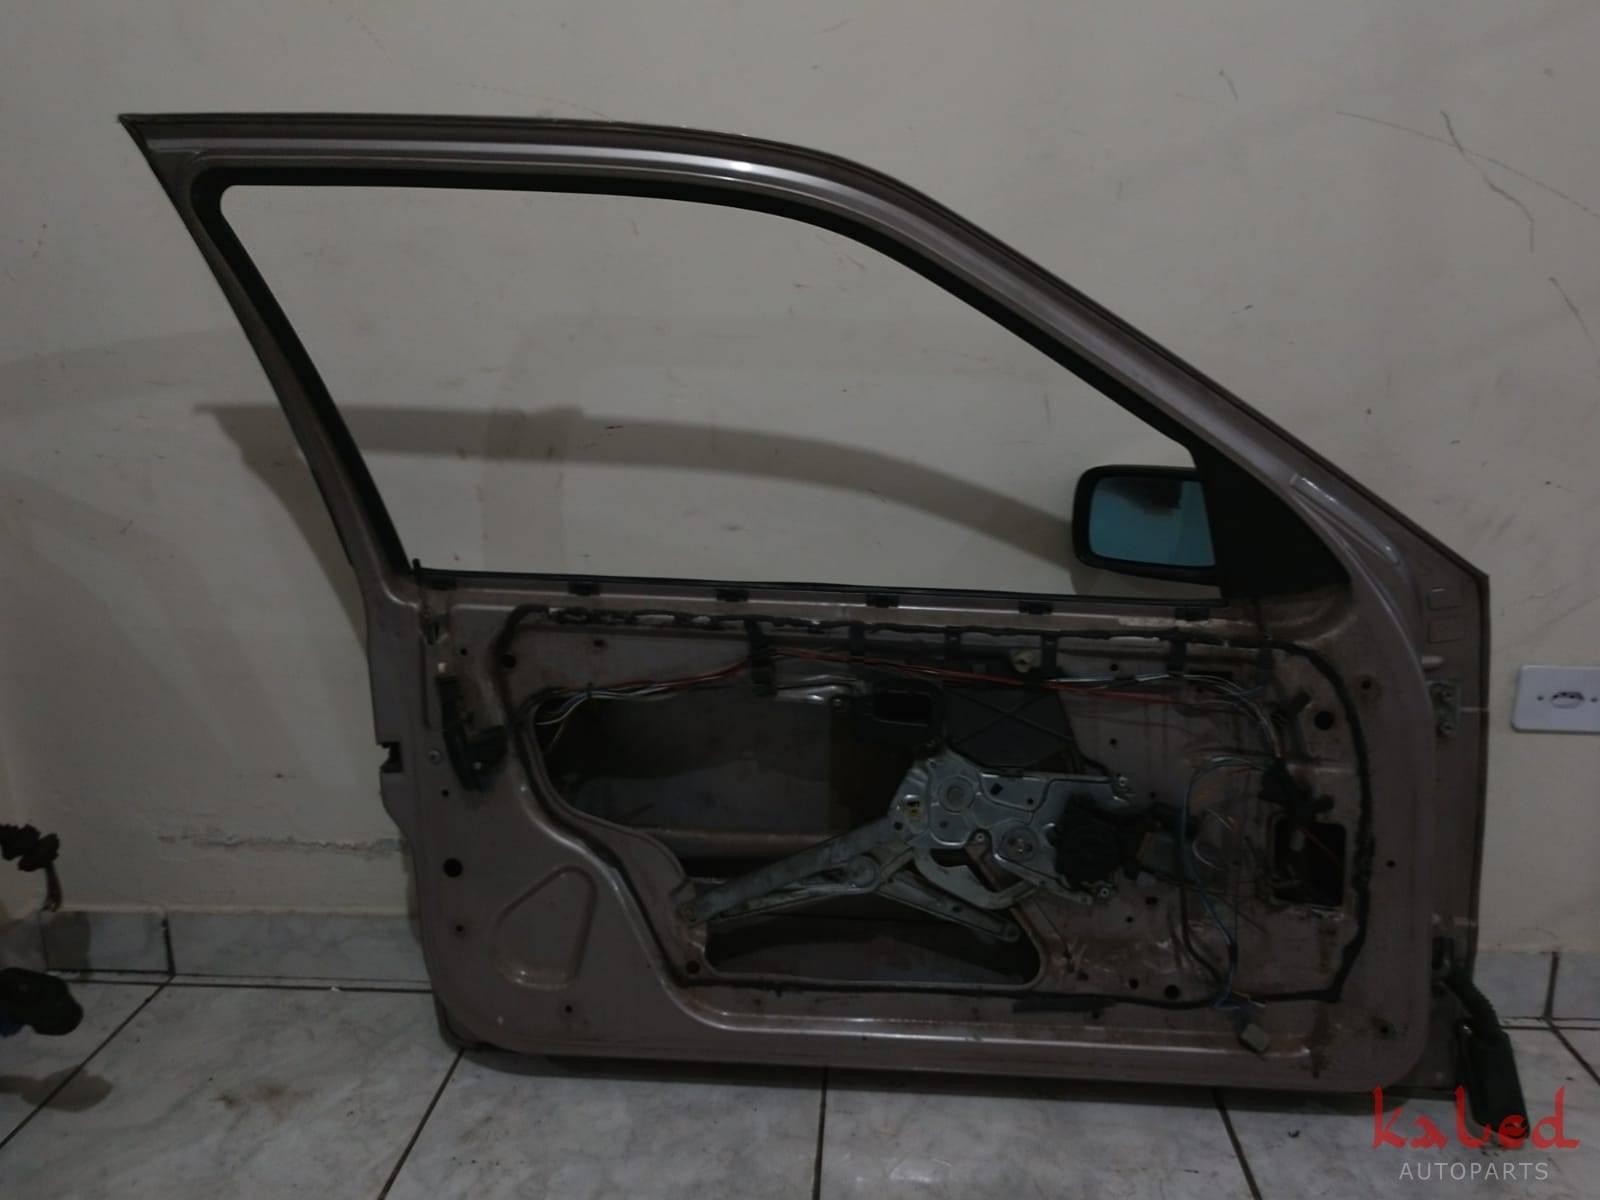 Porta dianteira esquerda BMW série 3 92 a 98 - Kaled Auto Parts